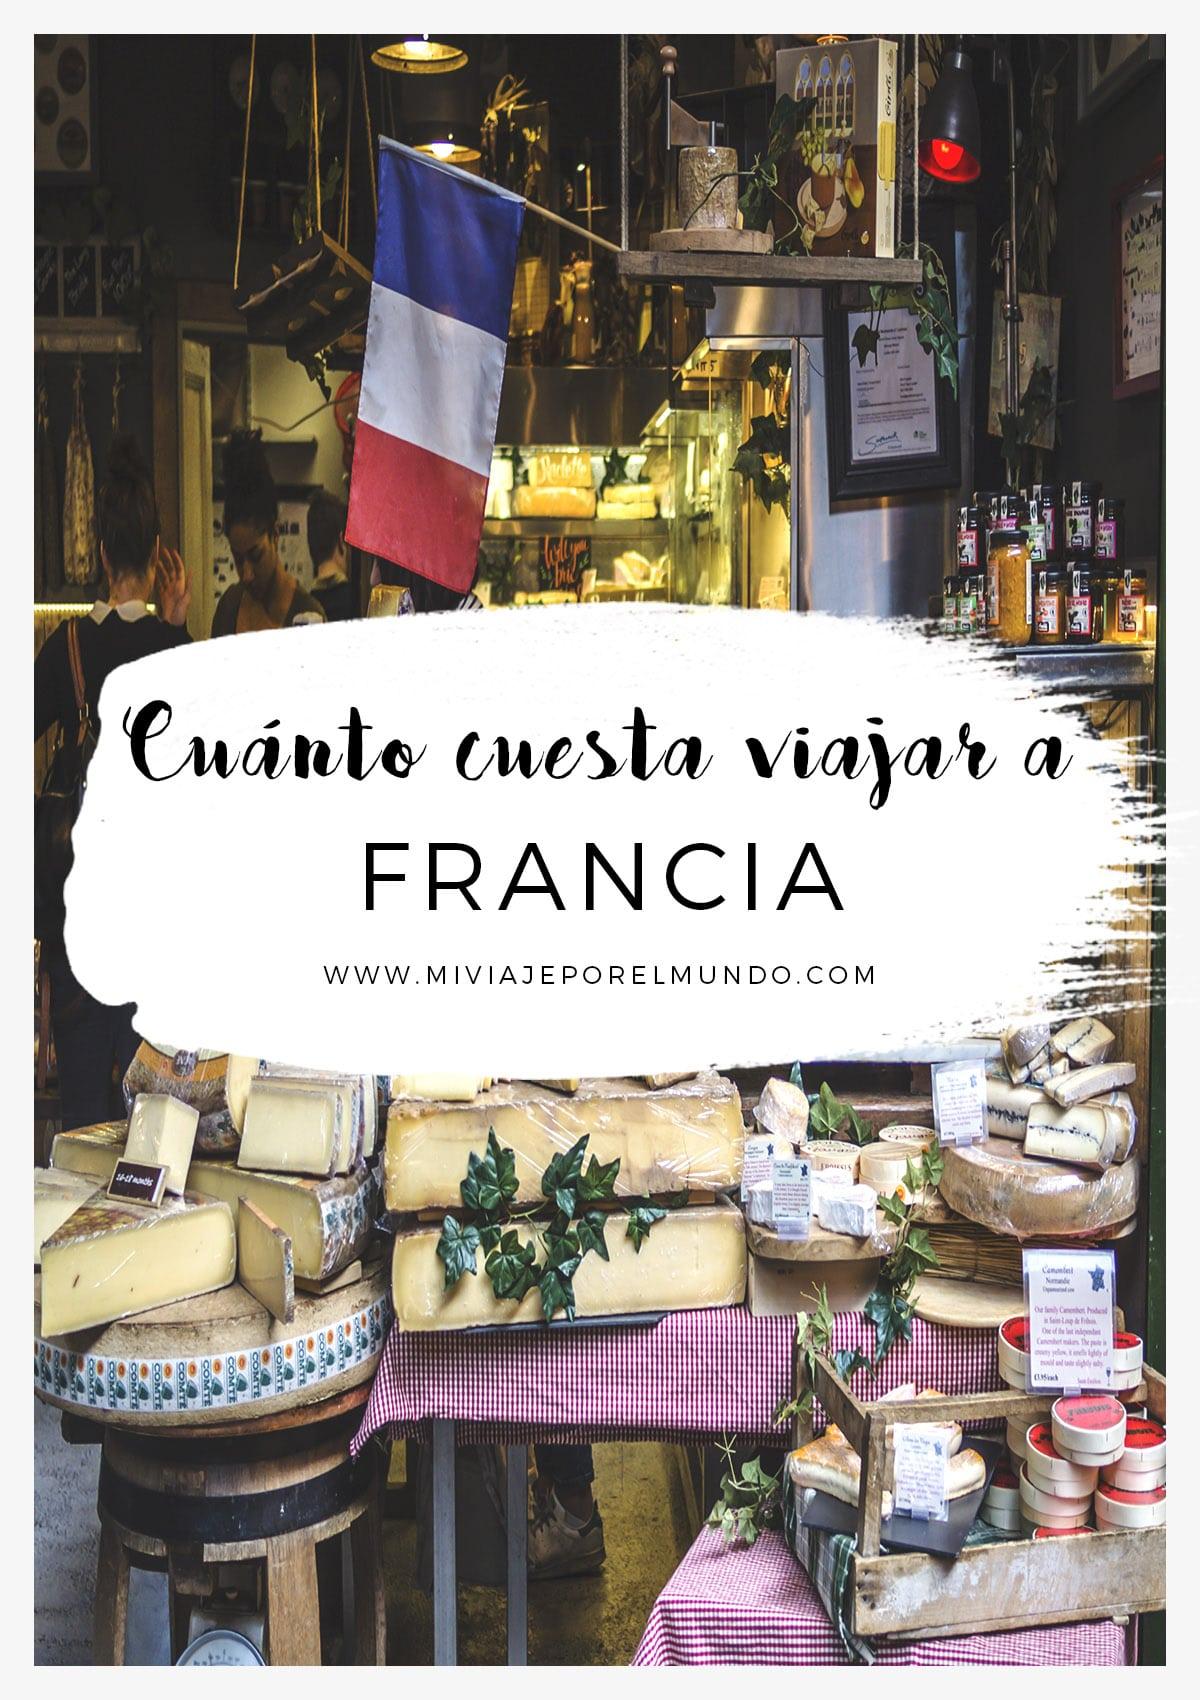 cuanto cuesta viajar a francia